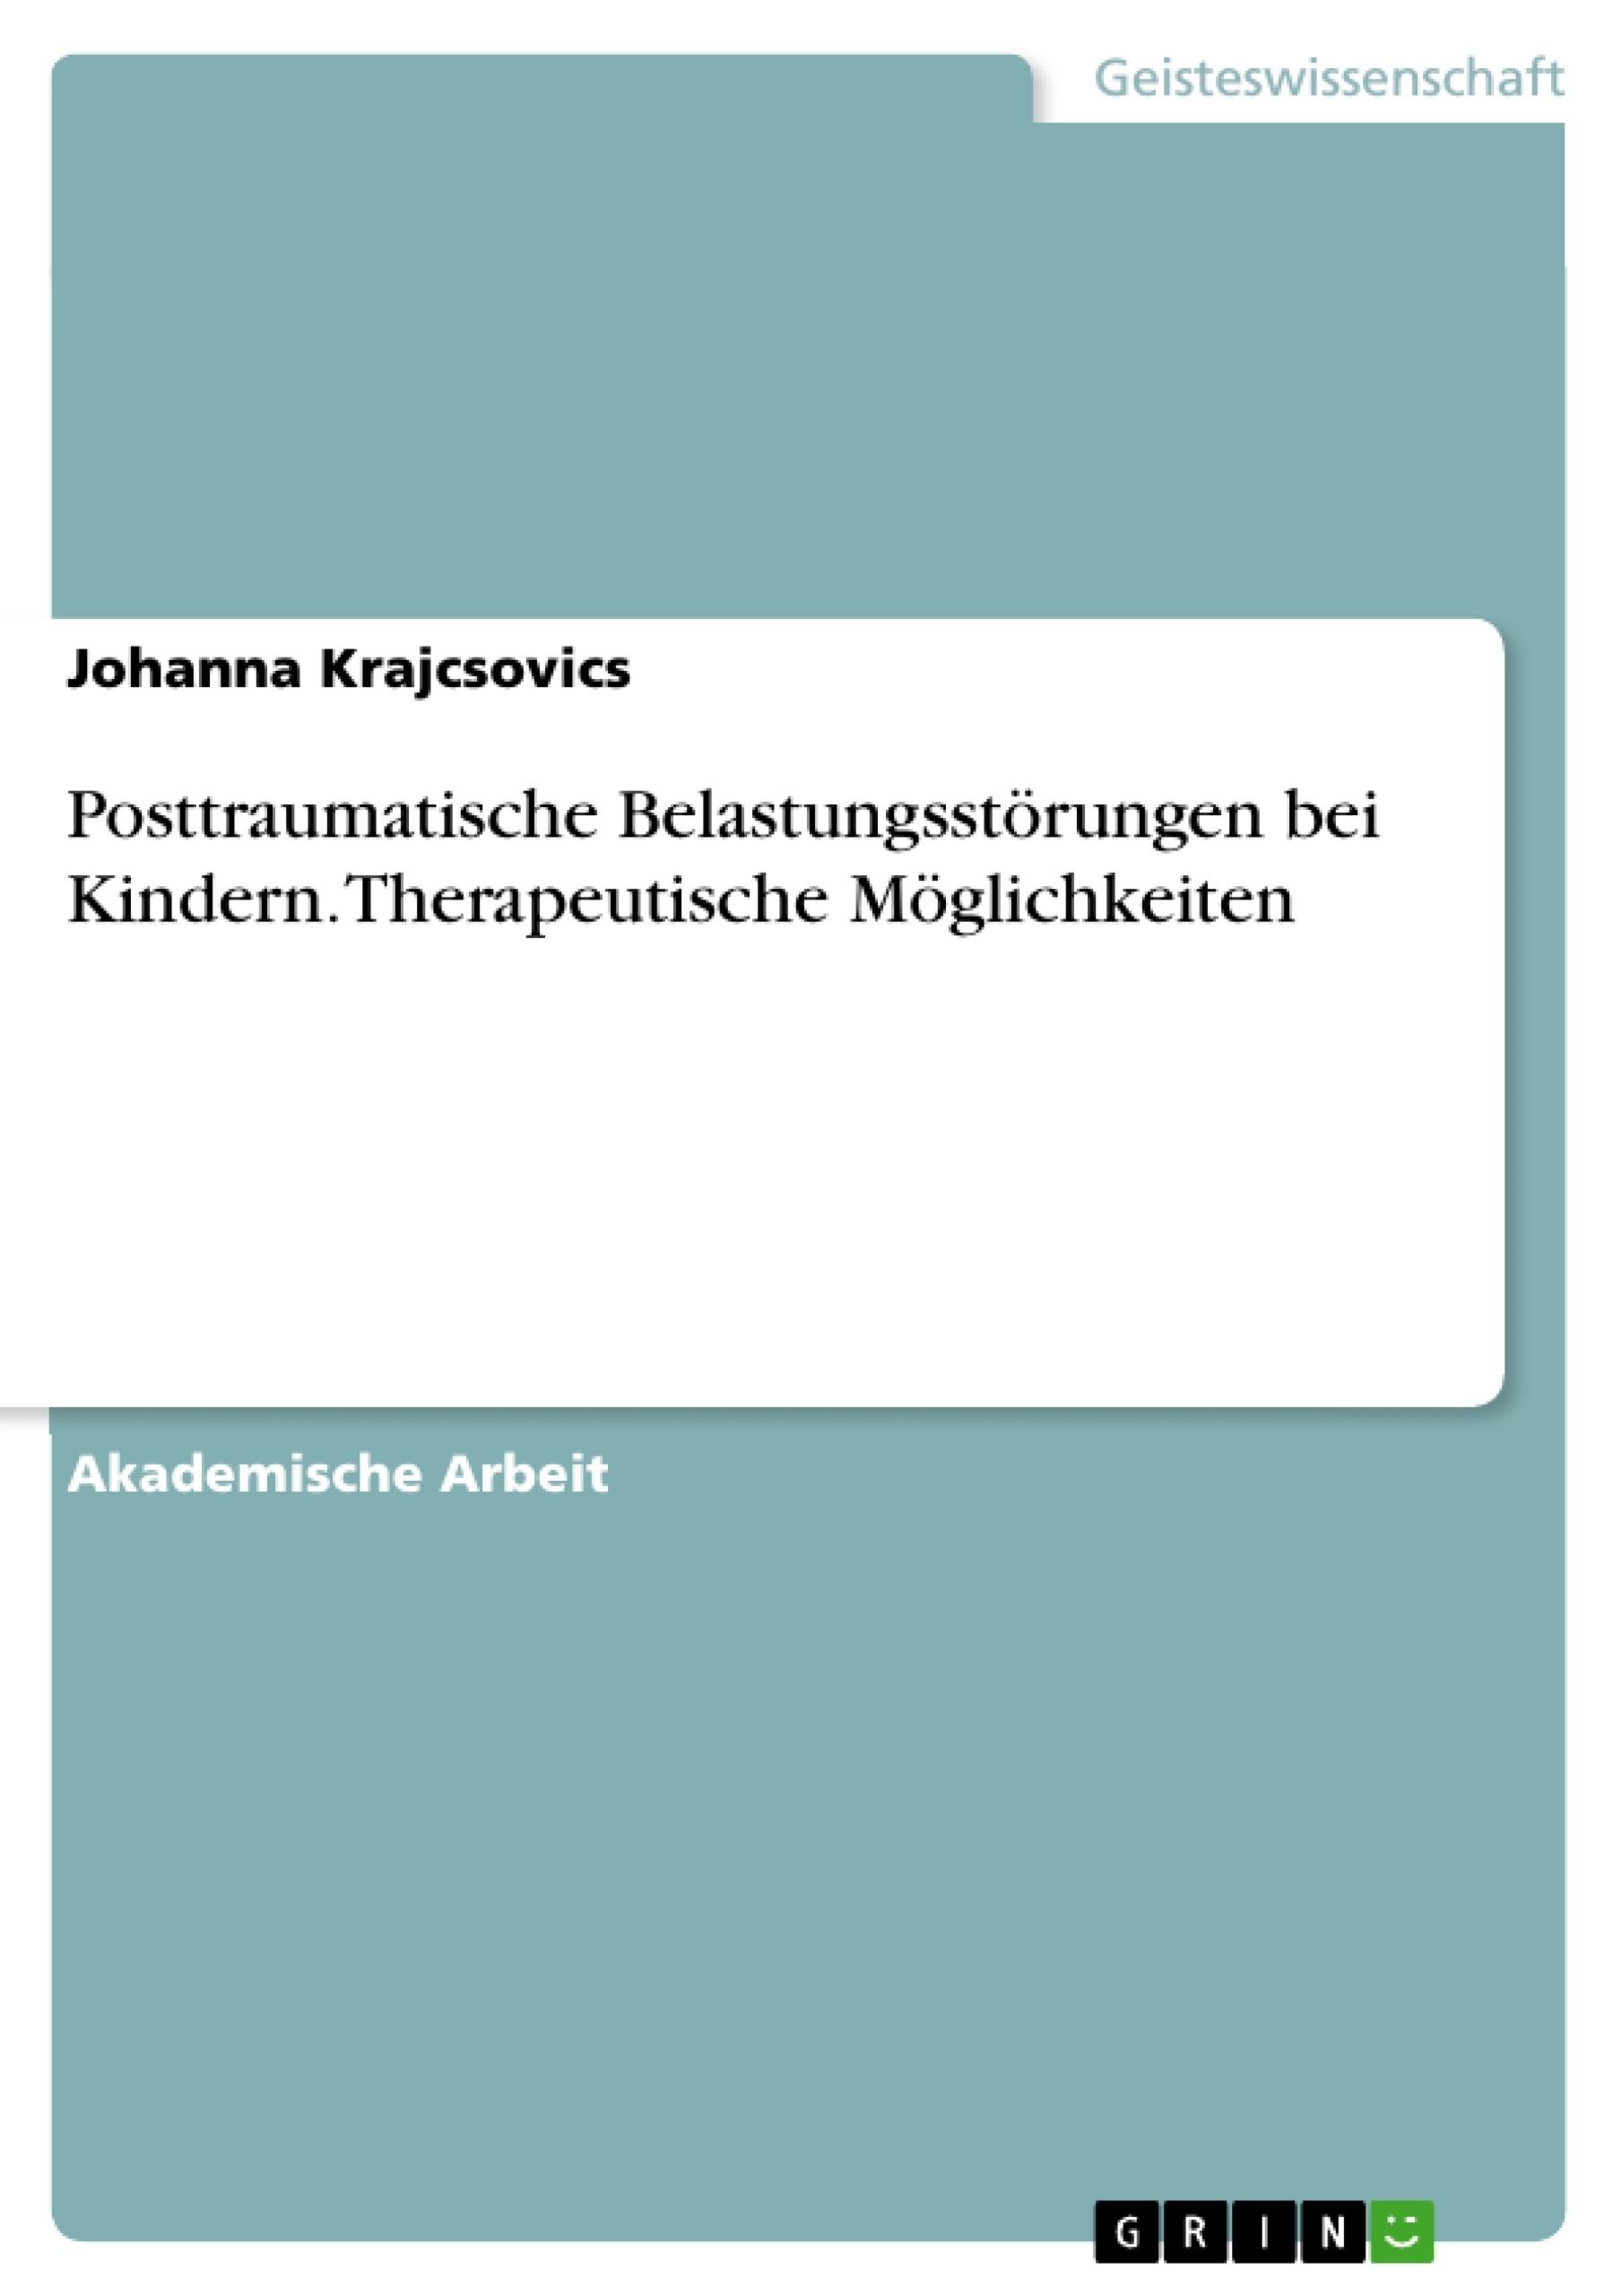 Titel: Posttraumatische Belastungsstörungen bei Kindern. Therapeutische Möglichkeiten